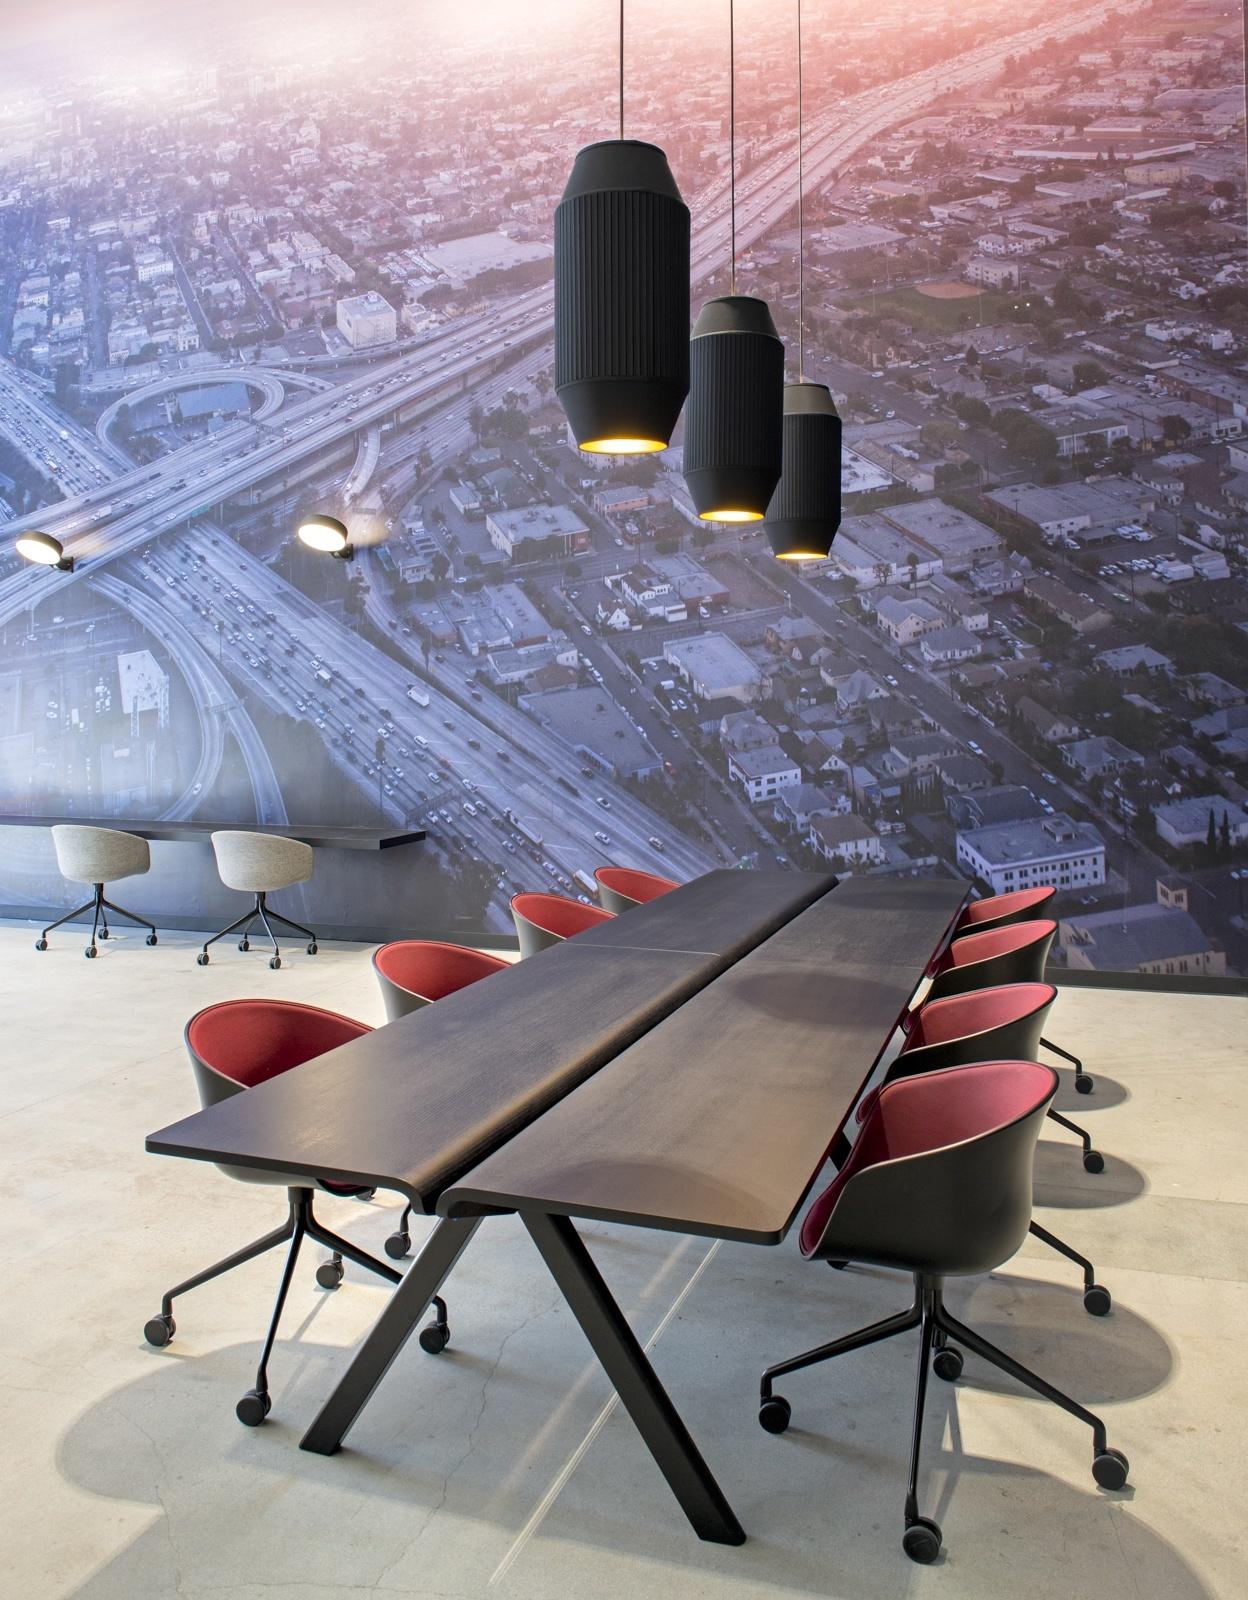 beatsbydre-los-angeles-office-14